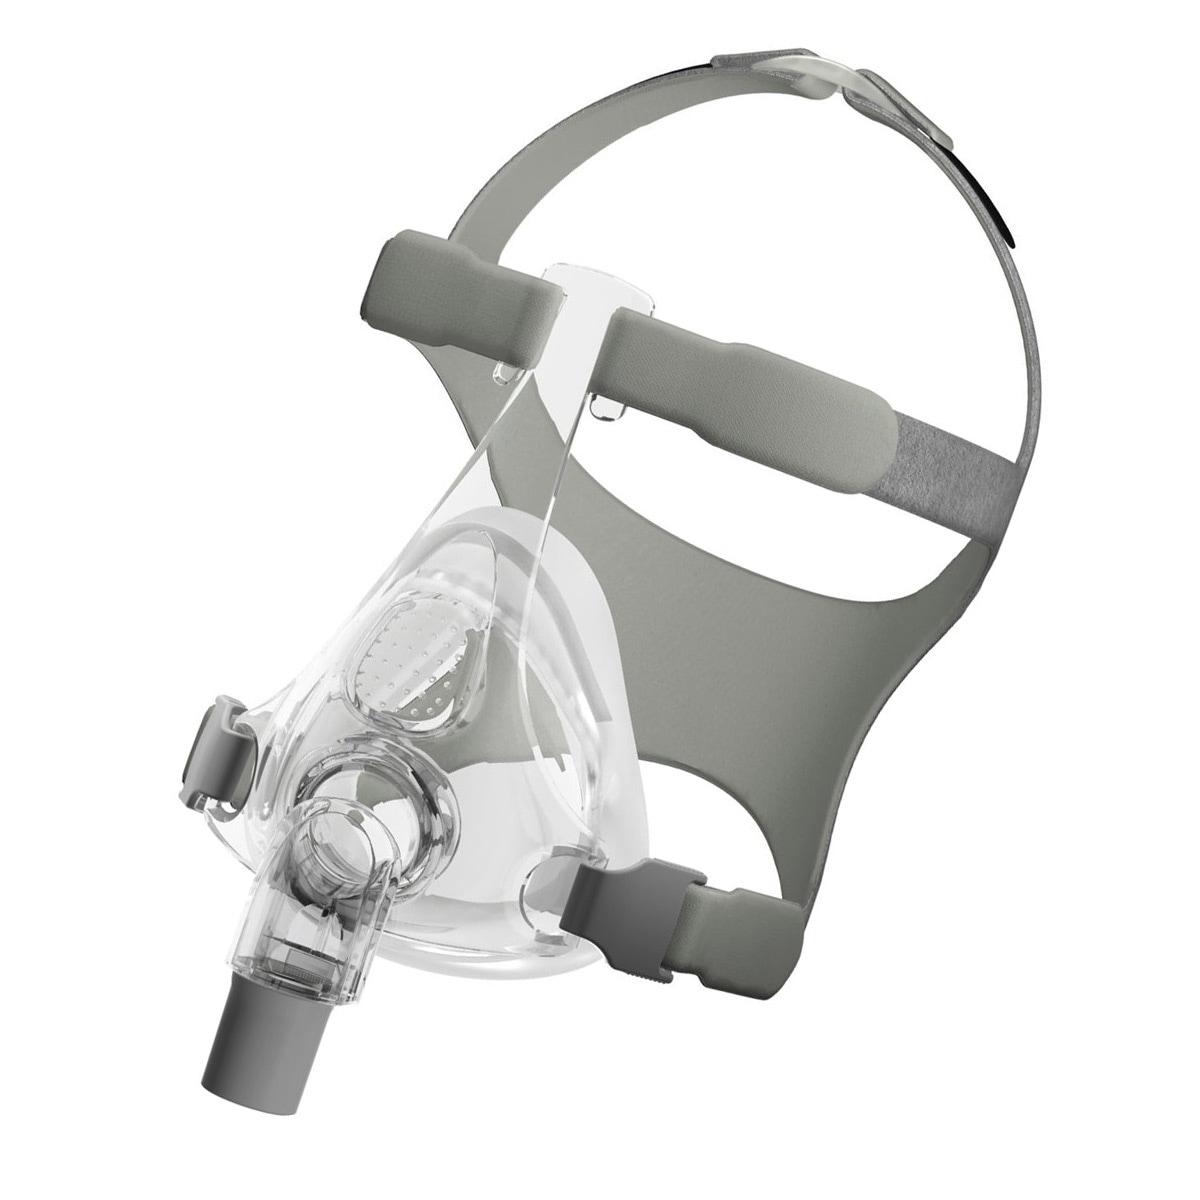 Medical mask is better than life mask, medical mask is big secret